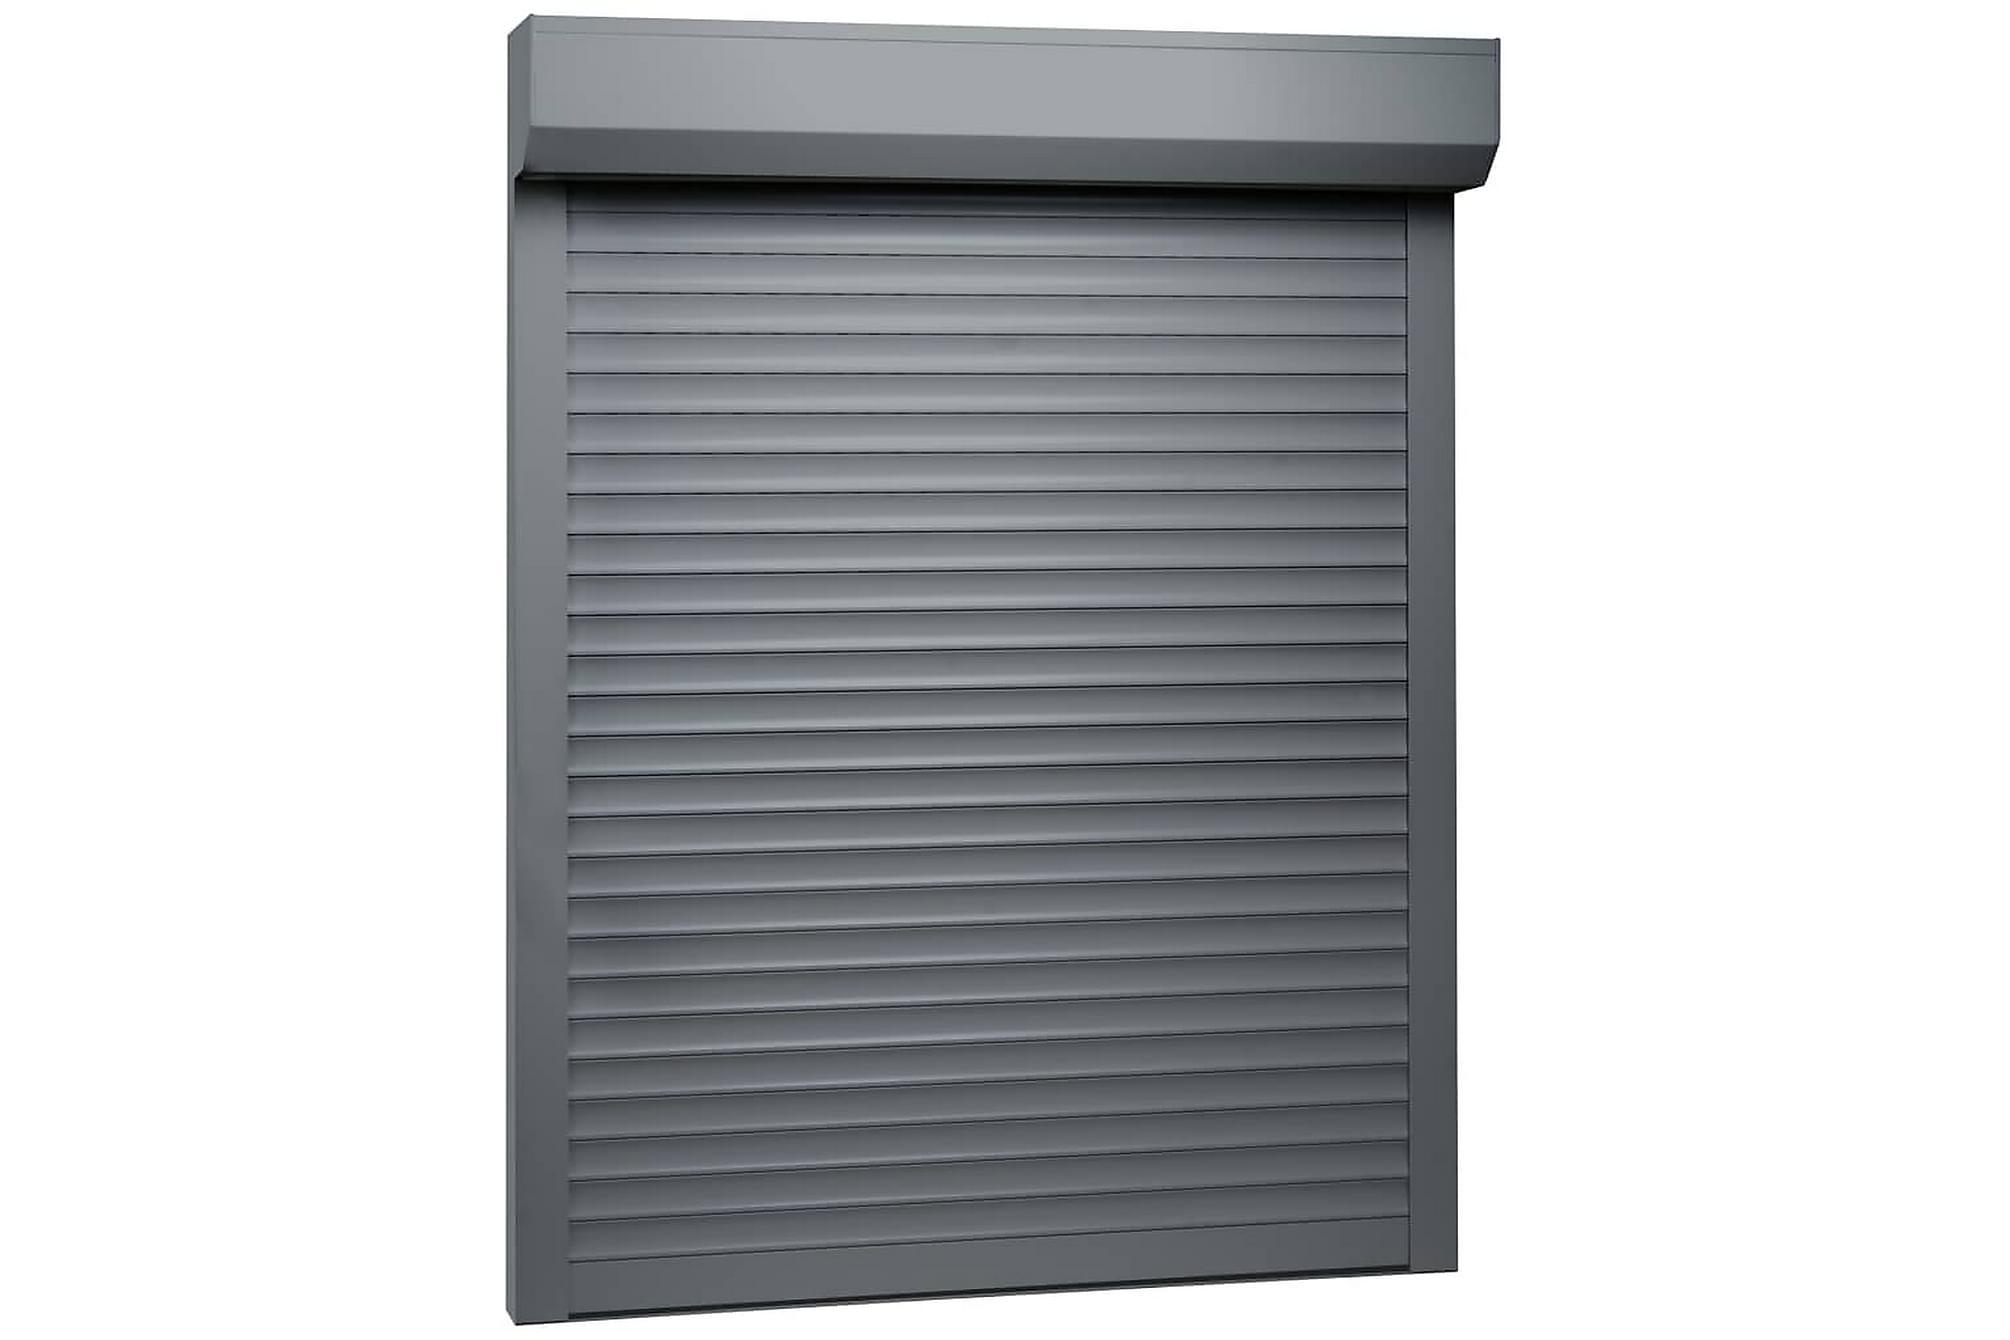 Rulljalusi aluminium 70×100 cm antracit